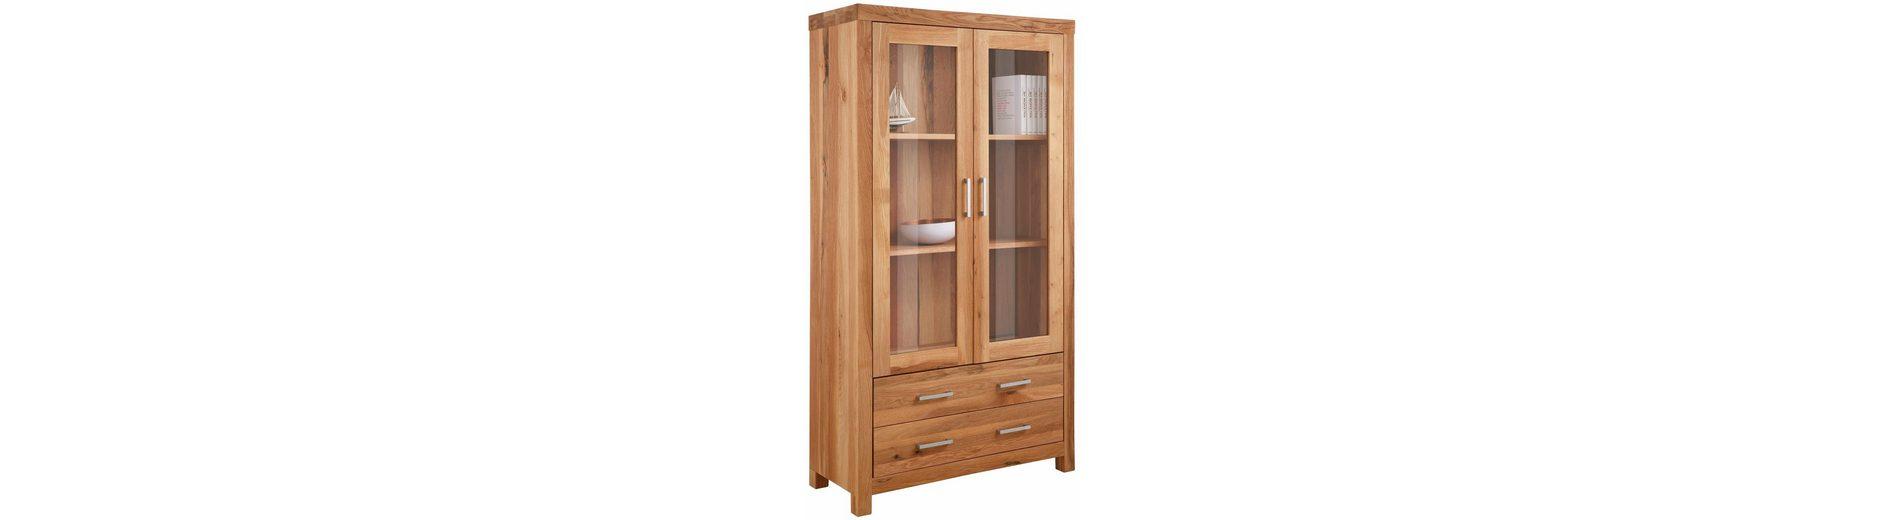 Premium collection by Home affaire Vitrinenschrank »Madeira«, mit 2 Schubladen, Breite 103 cm